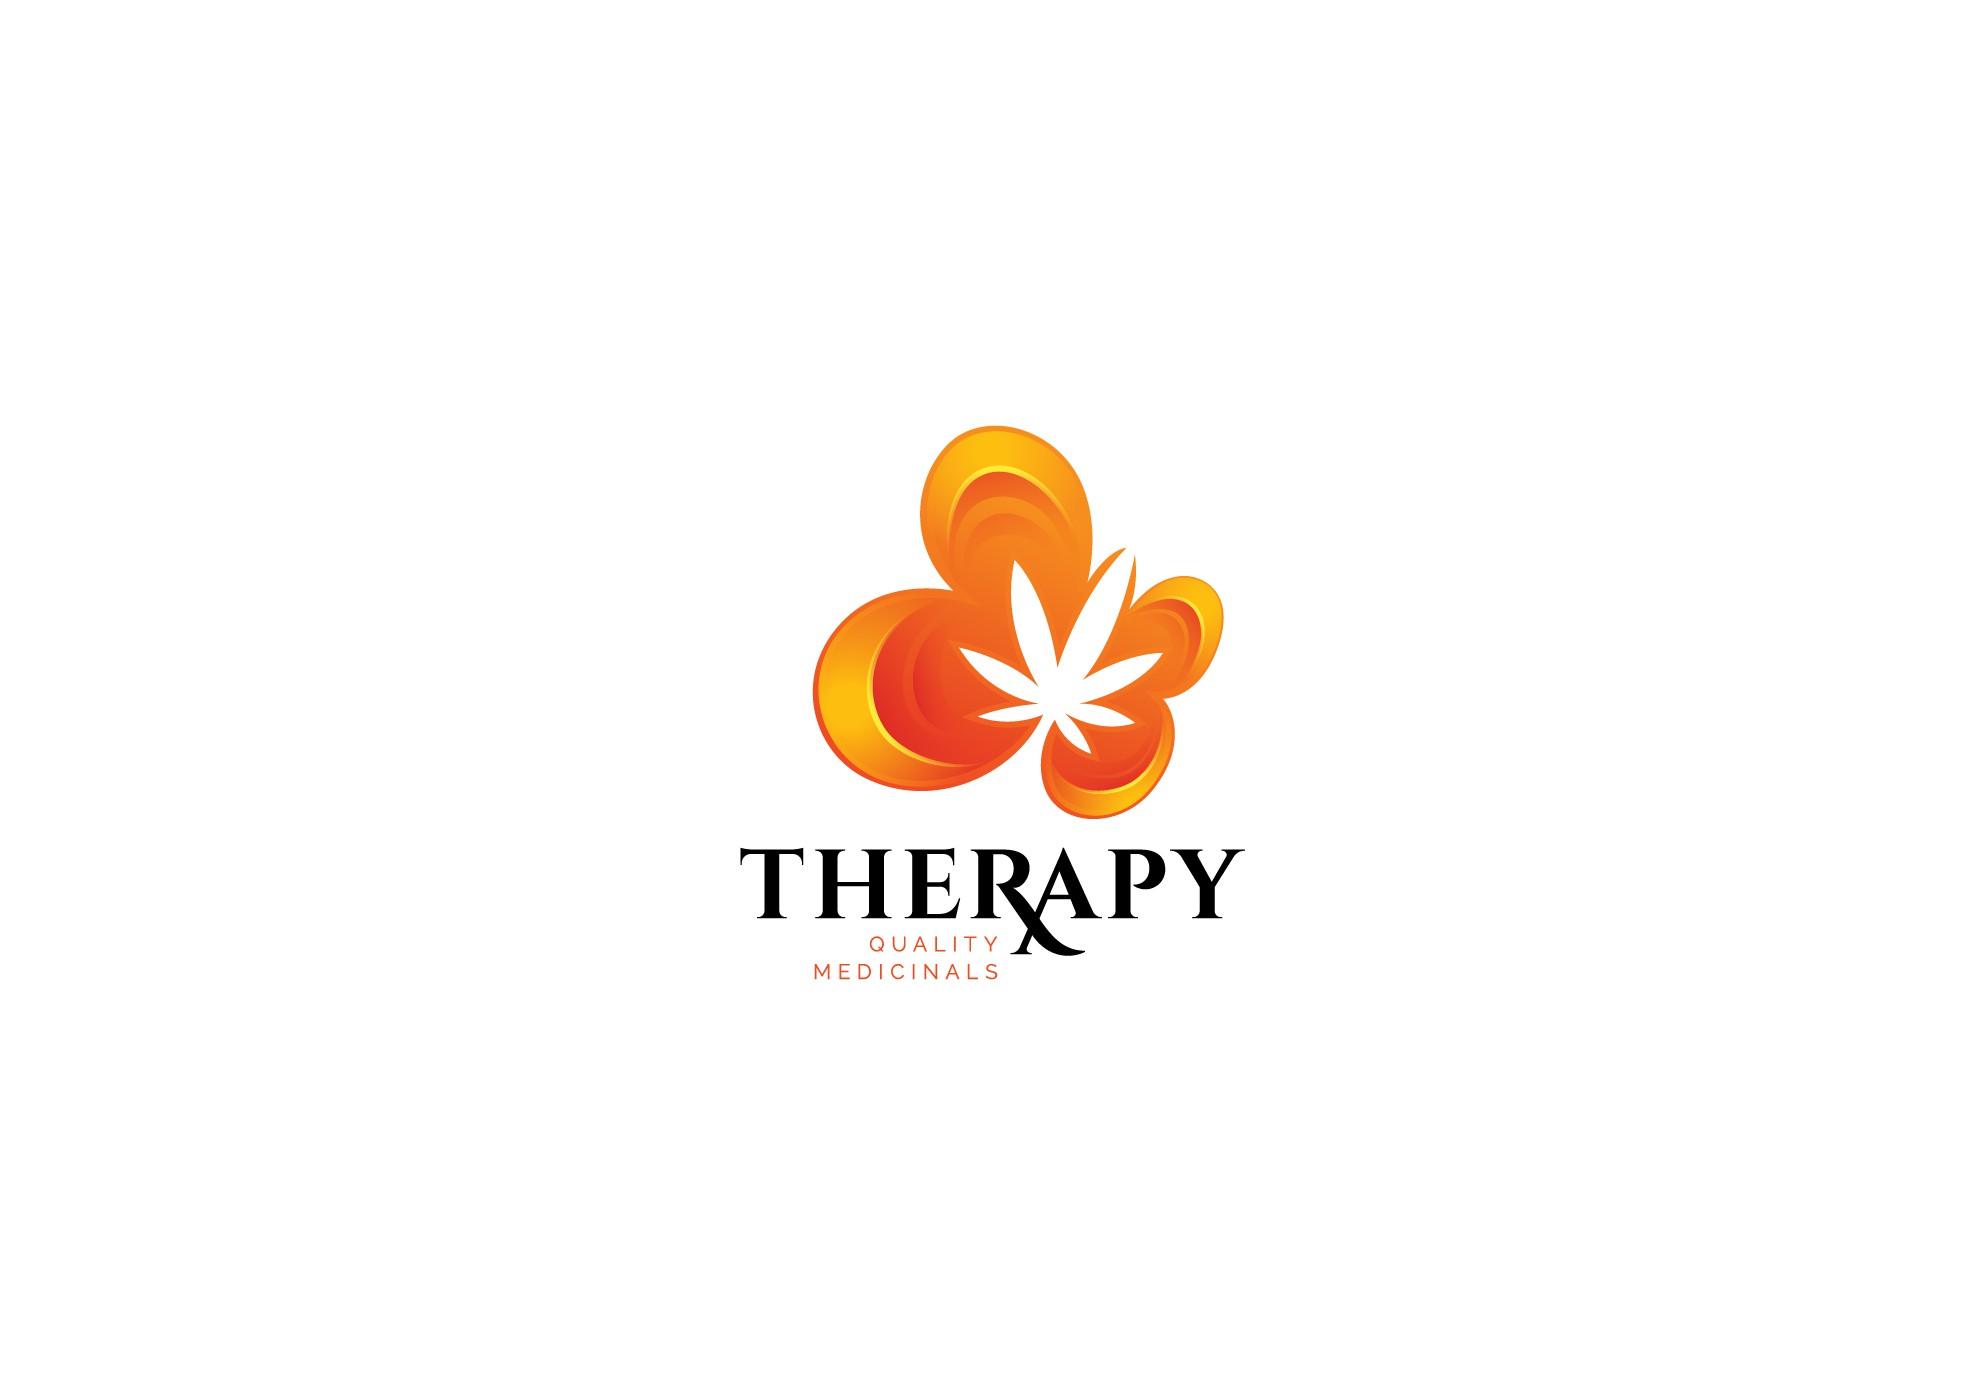 Medical marijuana company needing modern logo and indentity